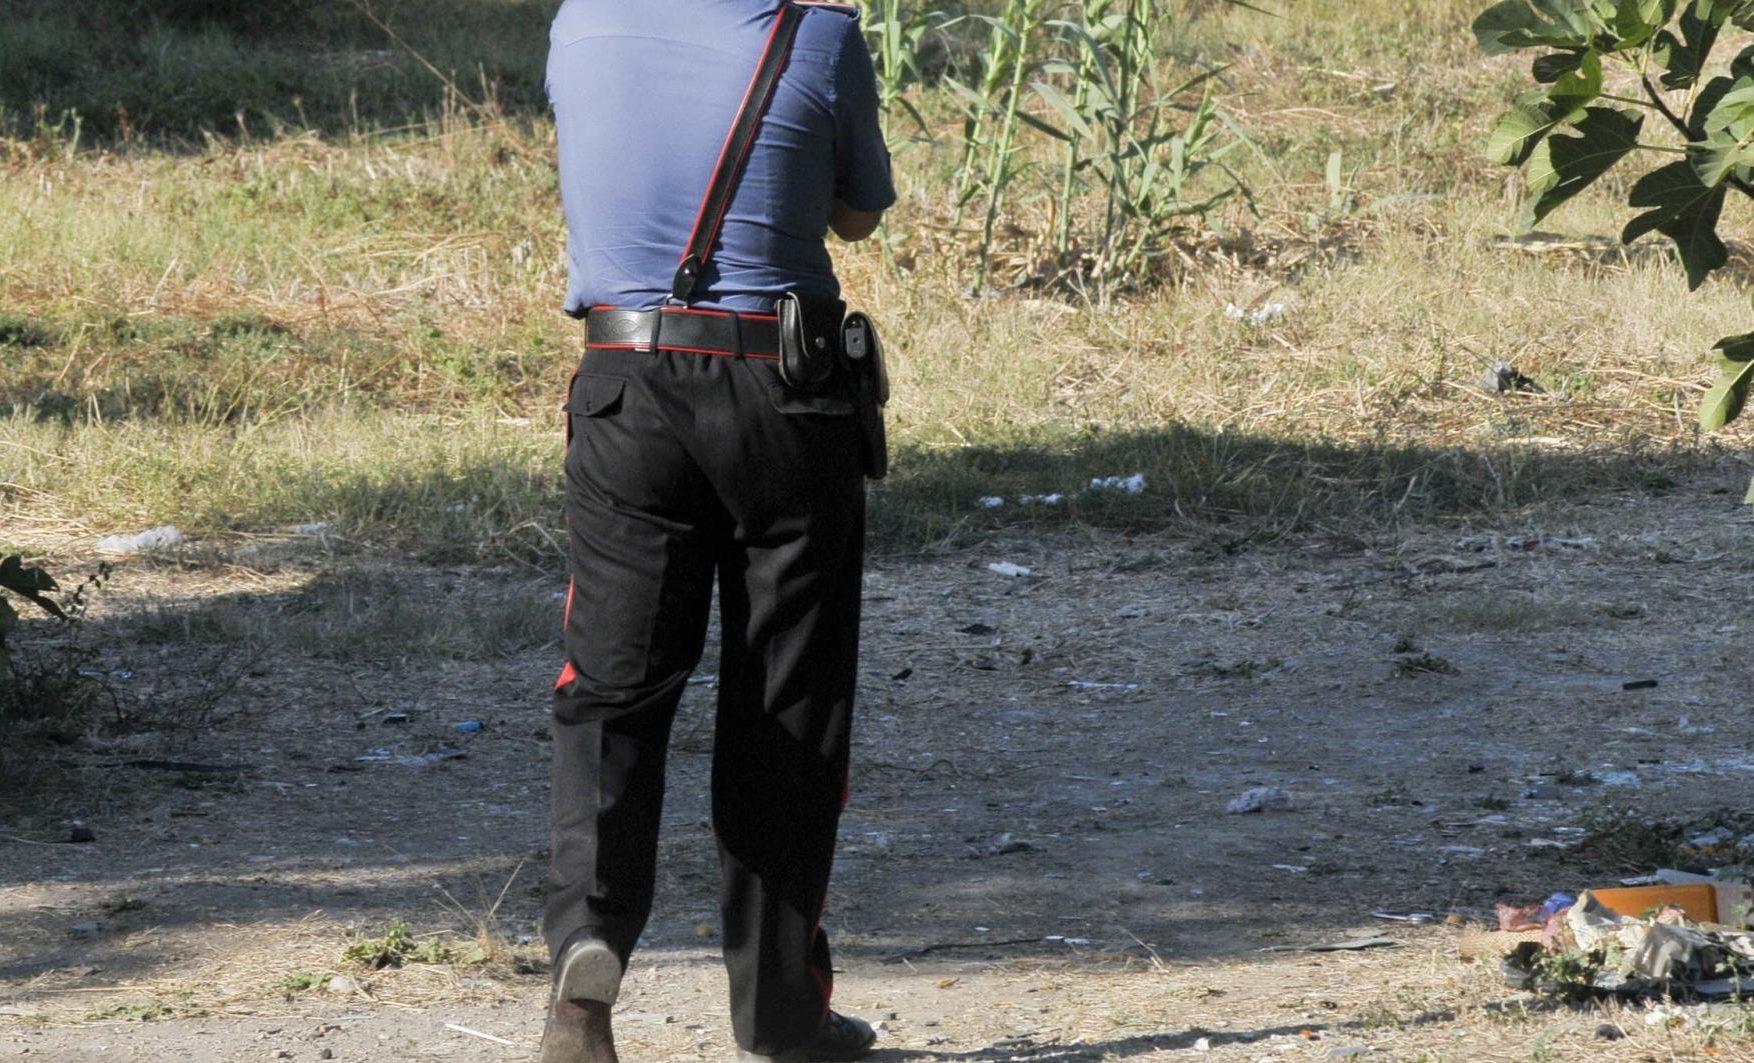 Agricoltore trovato morto nel suo podere di Calascibetta: indagini